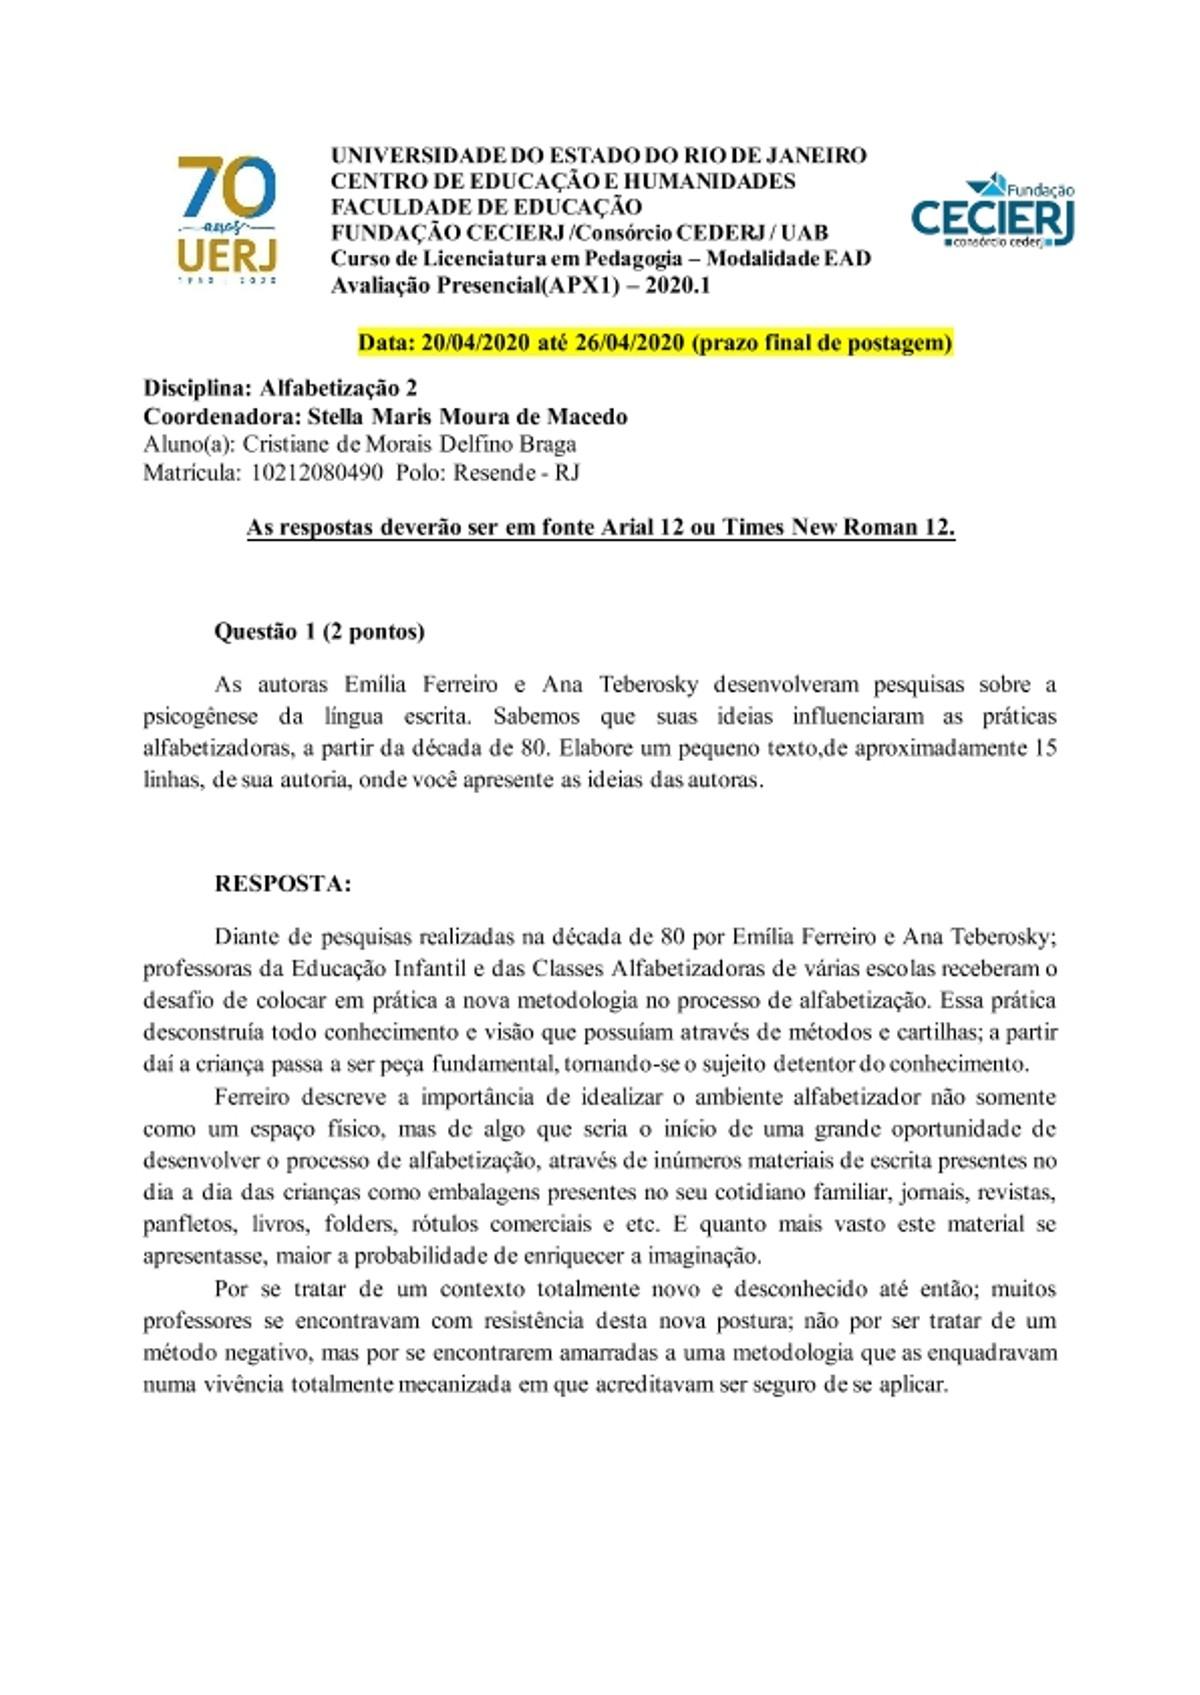 Pre-visualização do material AP1 Alfabetização2 2020 1 Cristiane de Morais Delfino Braga - página 1